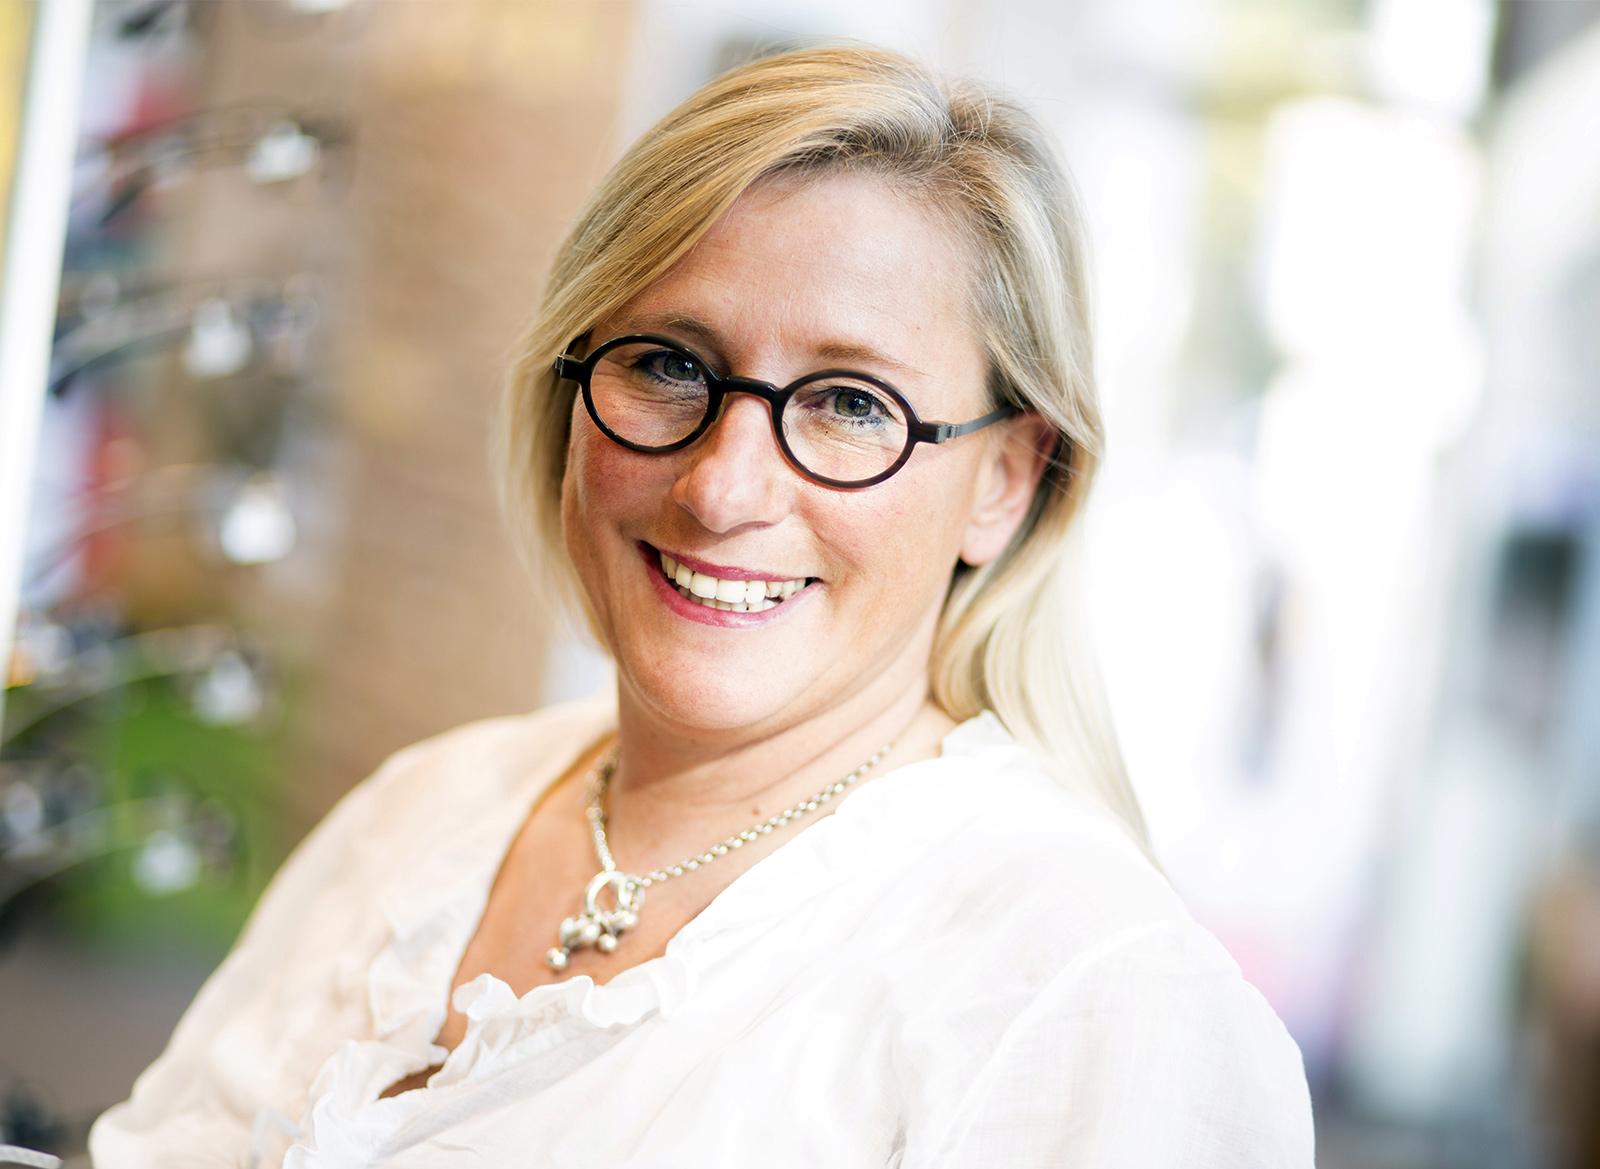 Lächelnde Frau mit Brille mit weißen Oberteil.